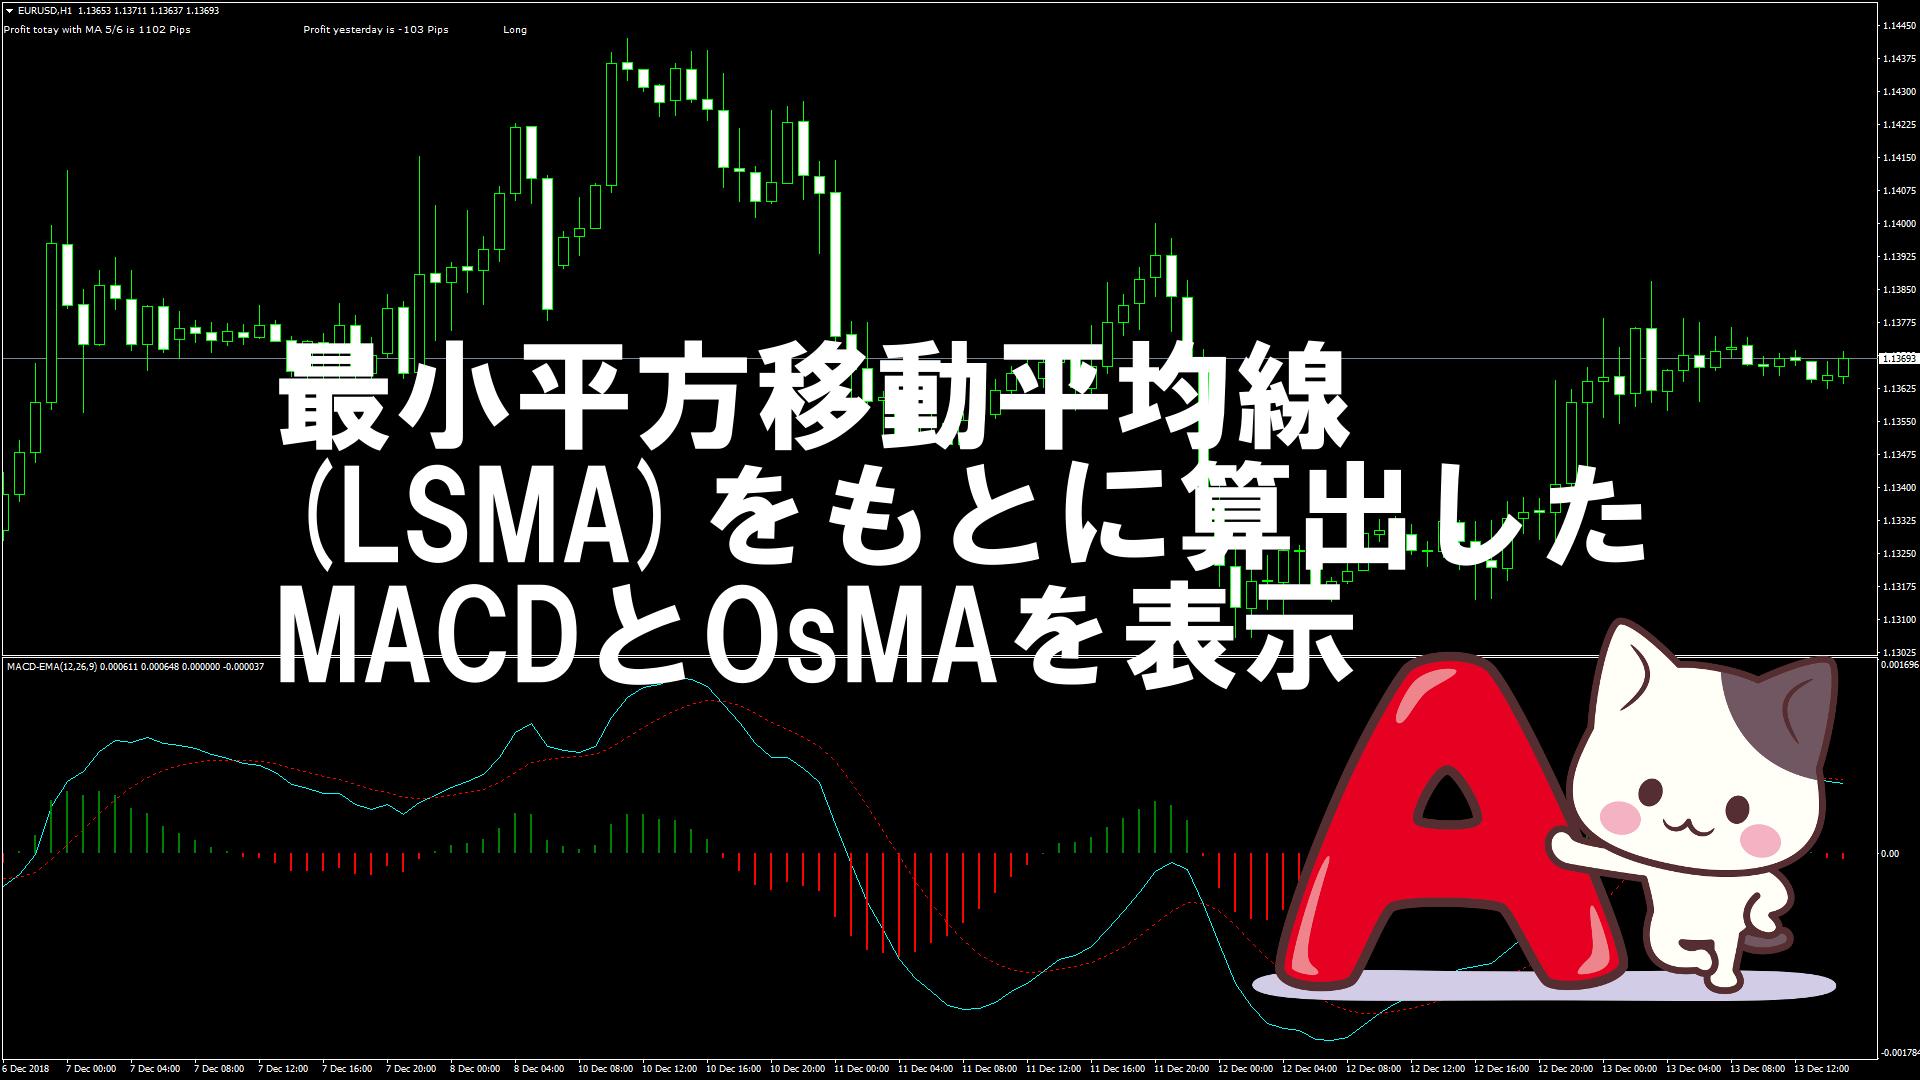 最小平方移動平均線(LSMA)をもとに算出したMACDとOsMAを表示するMT4インジケーター『MACD_LSMA』